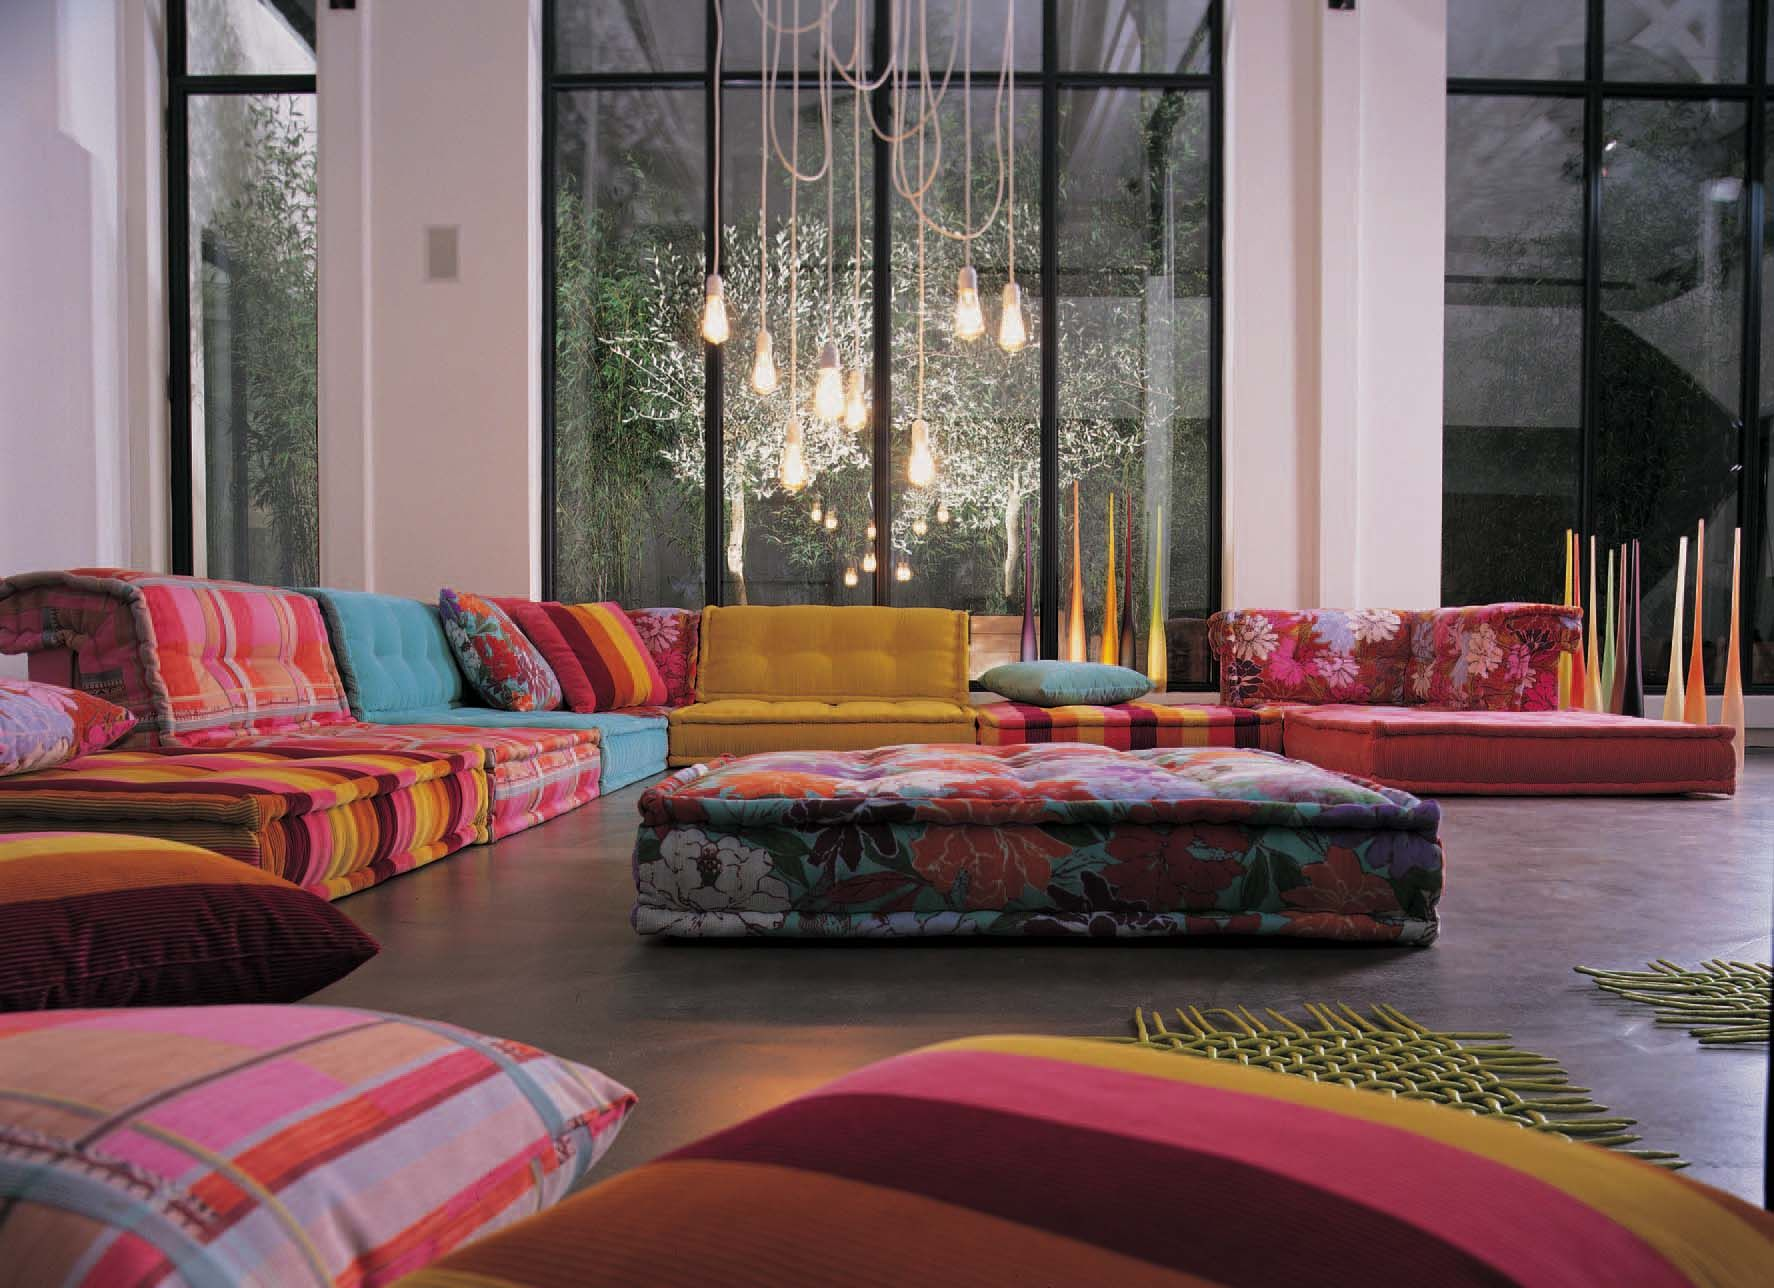 Roche Bobois Mah Jong... Def My Forever Dream Sofa